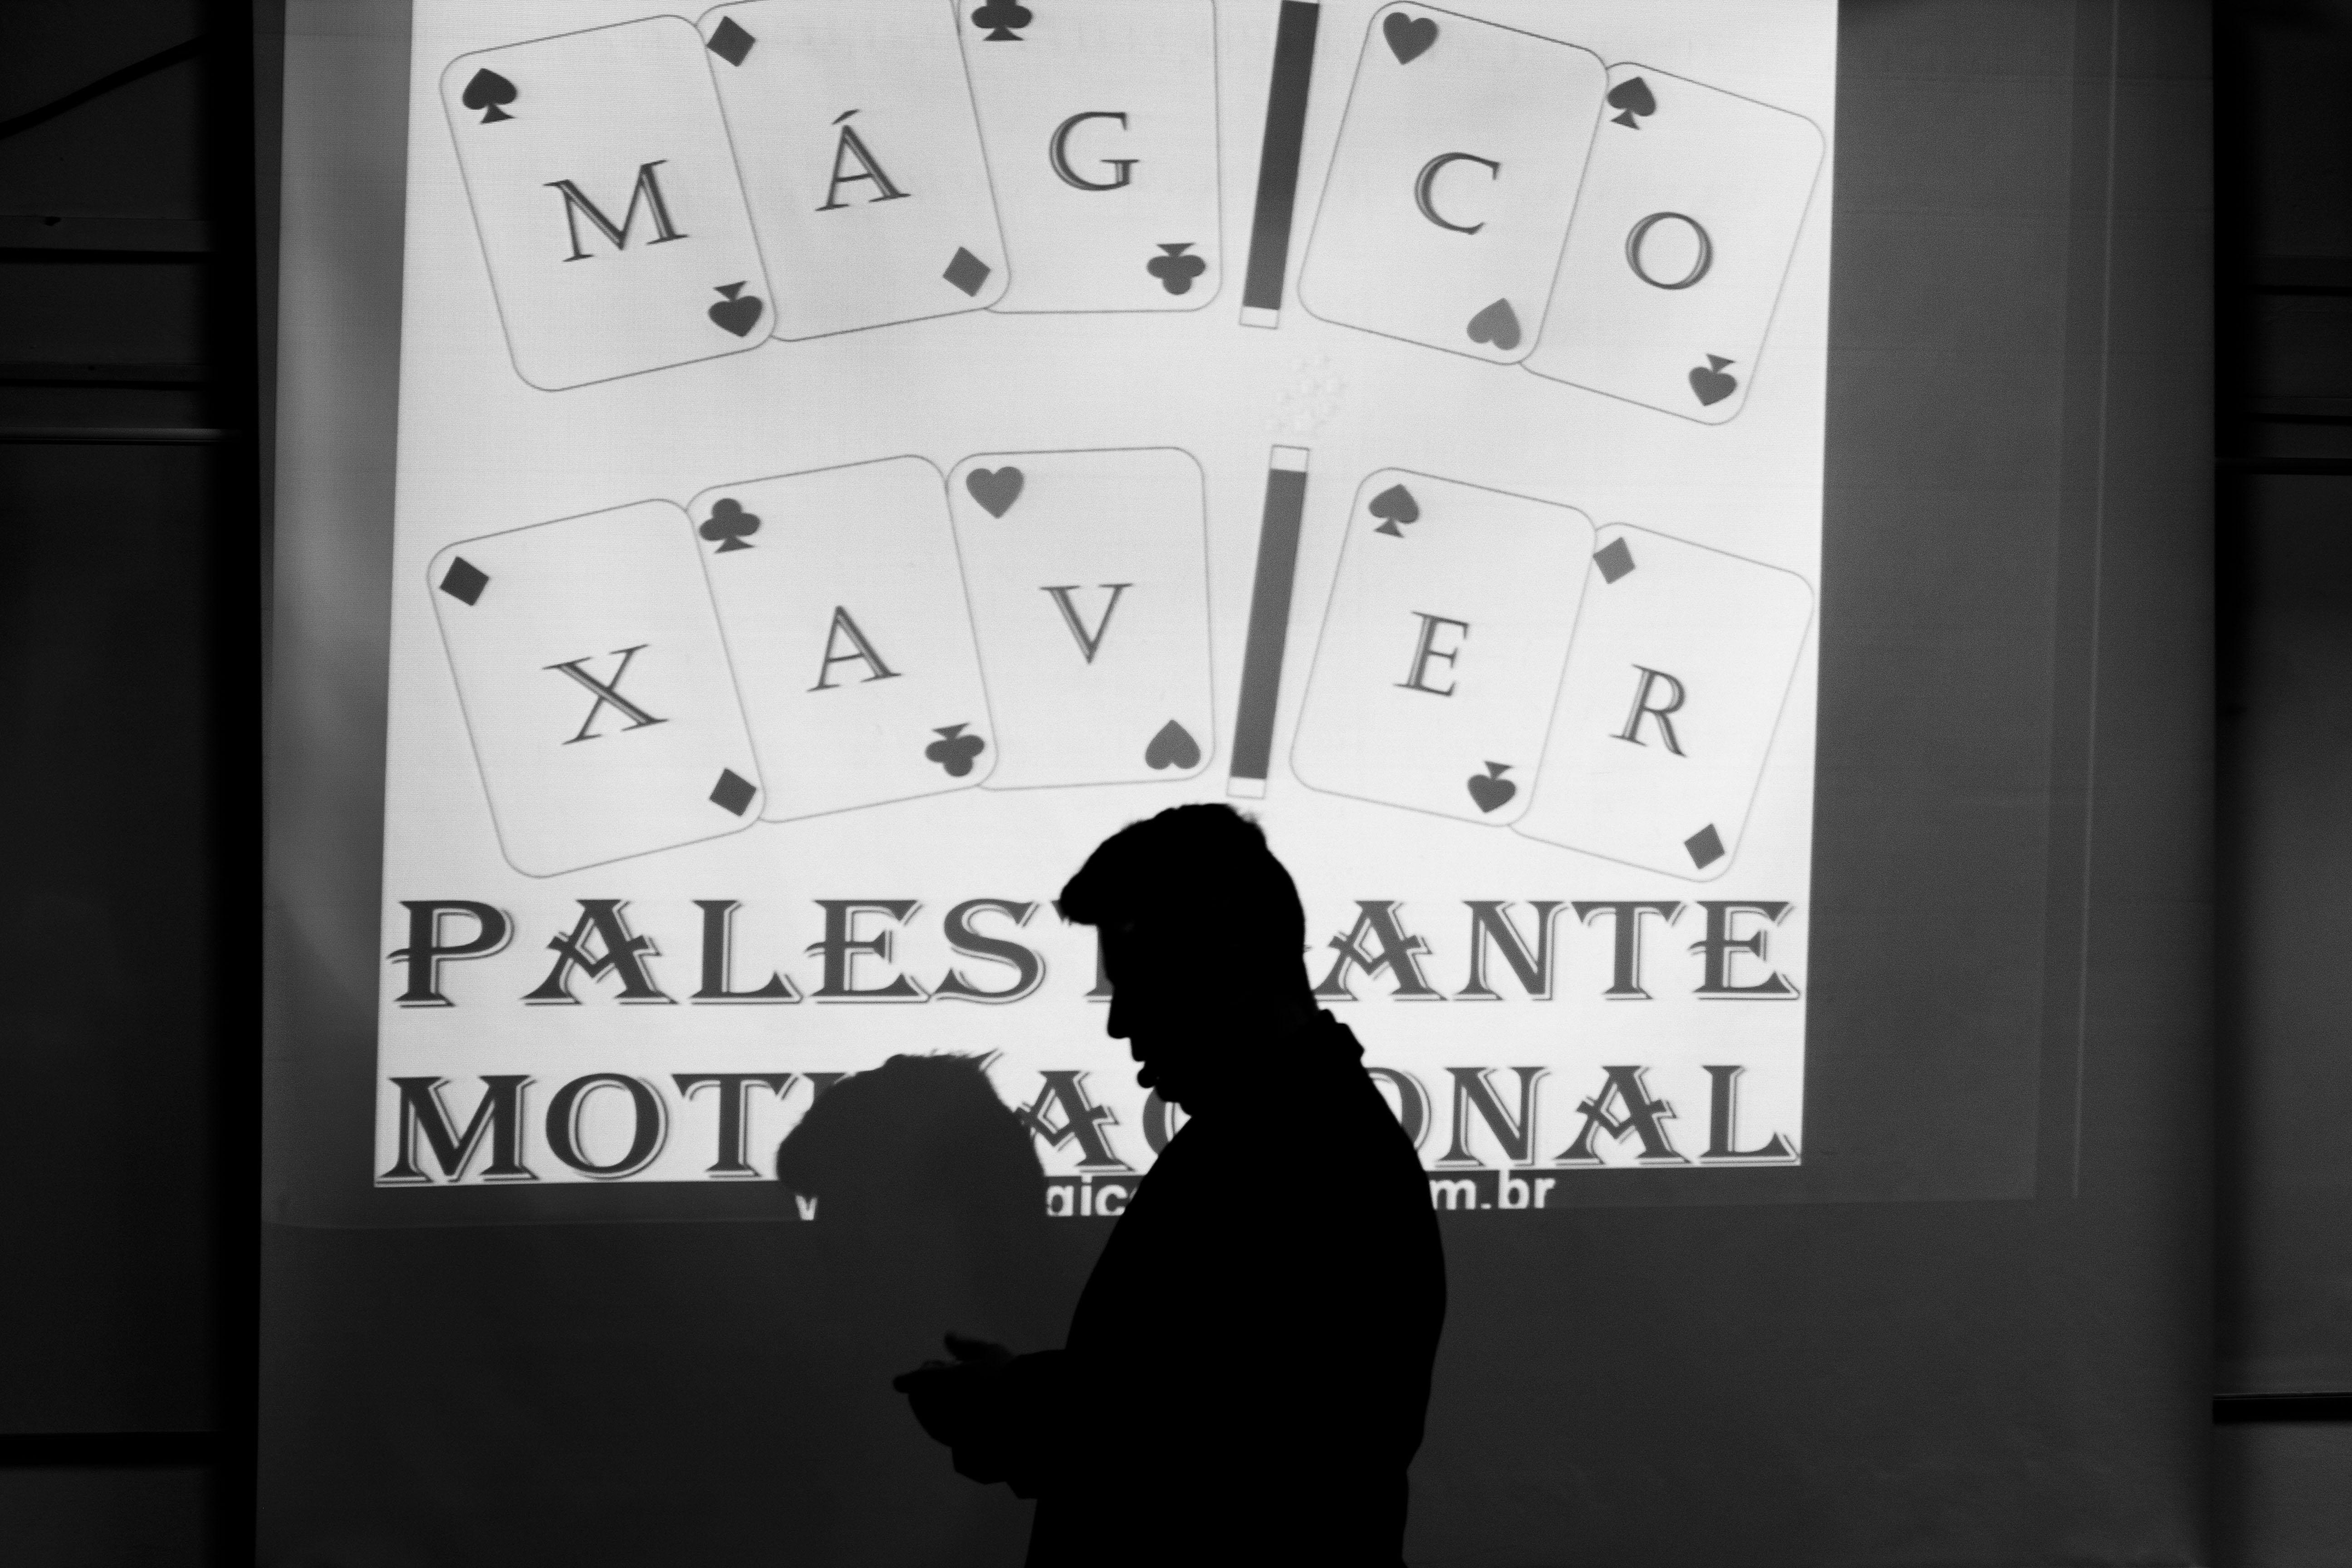 Palestra Motivacional Em Belo Horizonte E Região